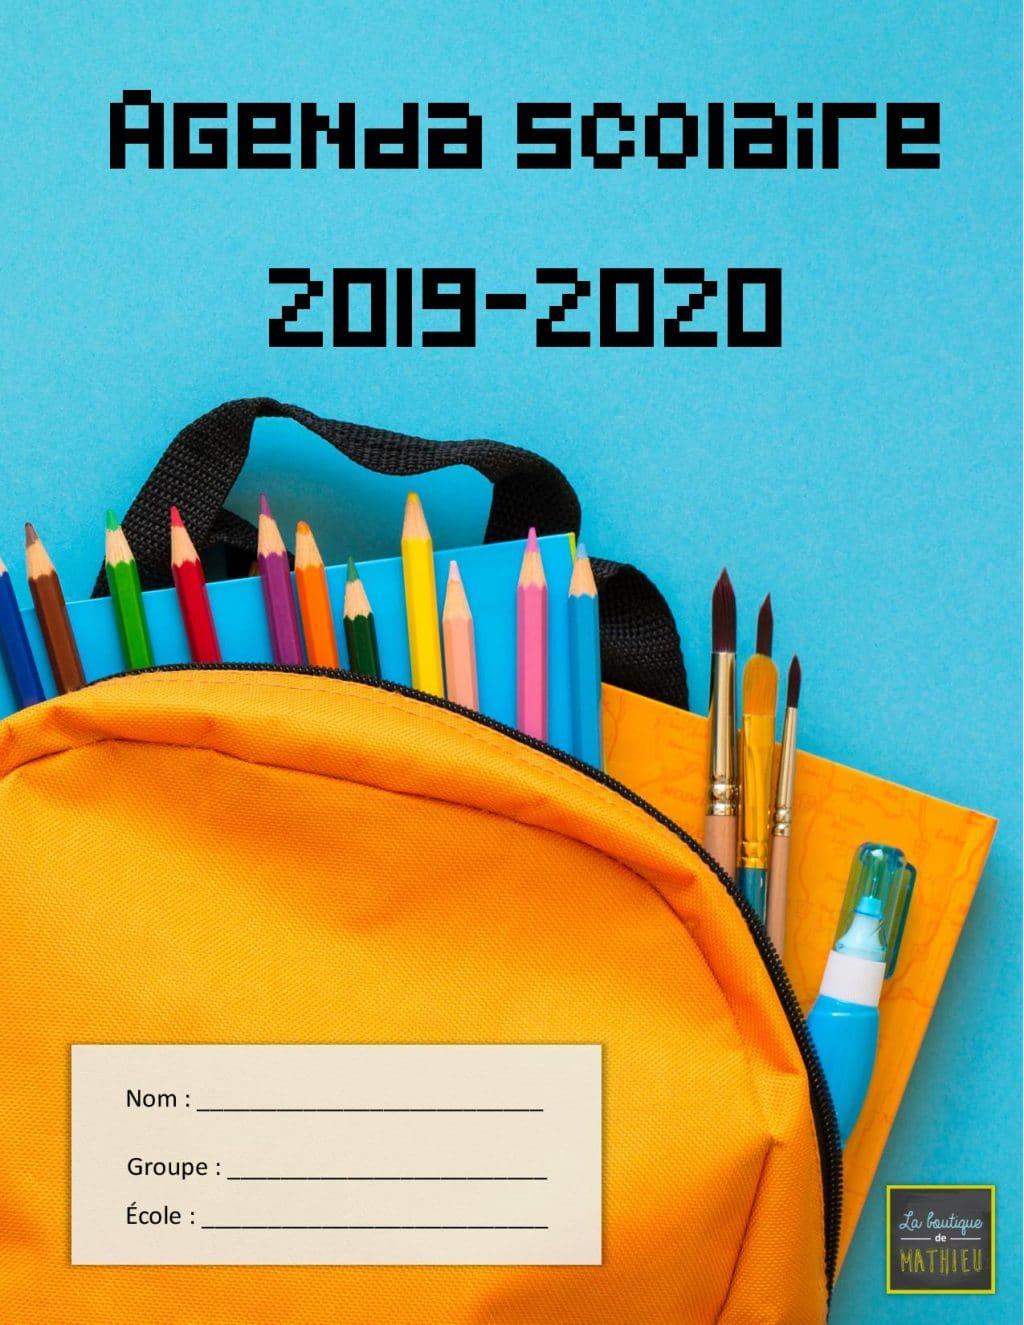 """Résultat de recherche d'images pour """"agenda primaire 2019"""""""